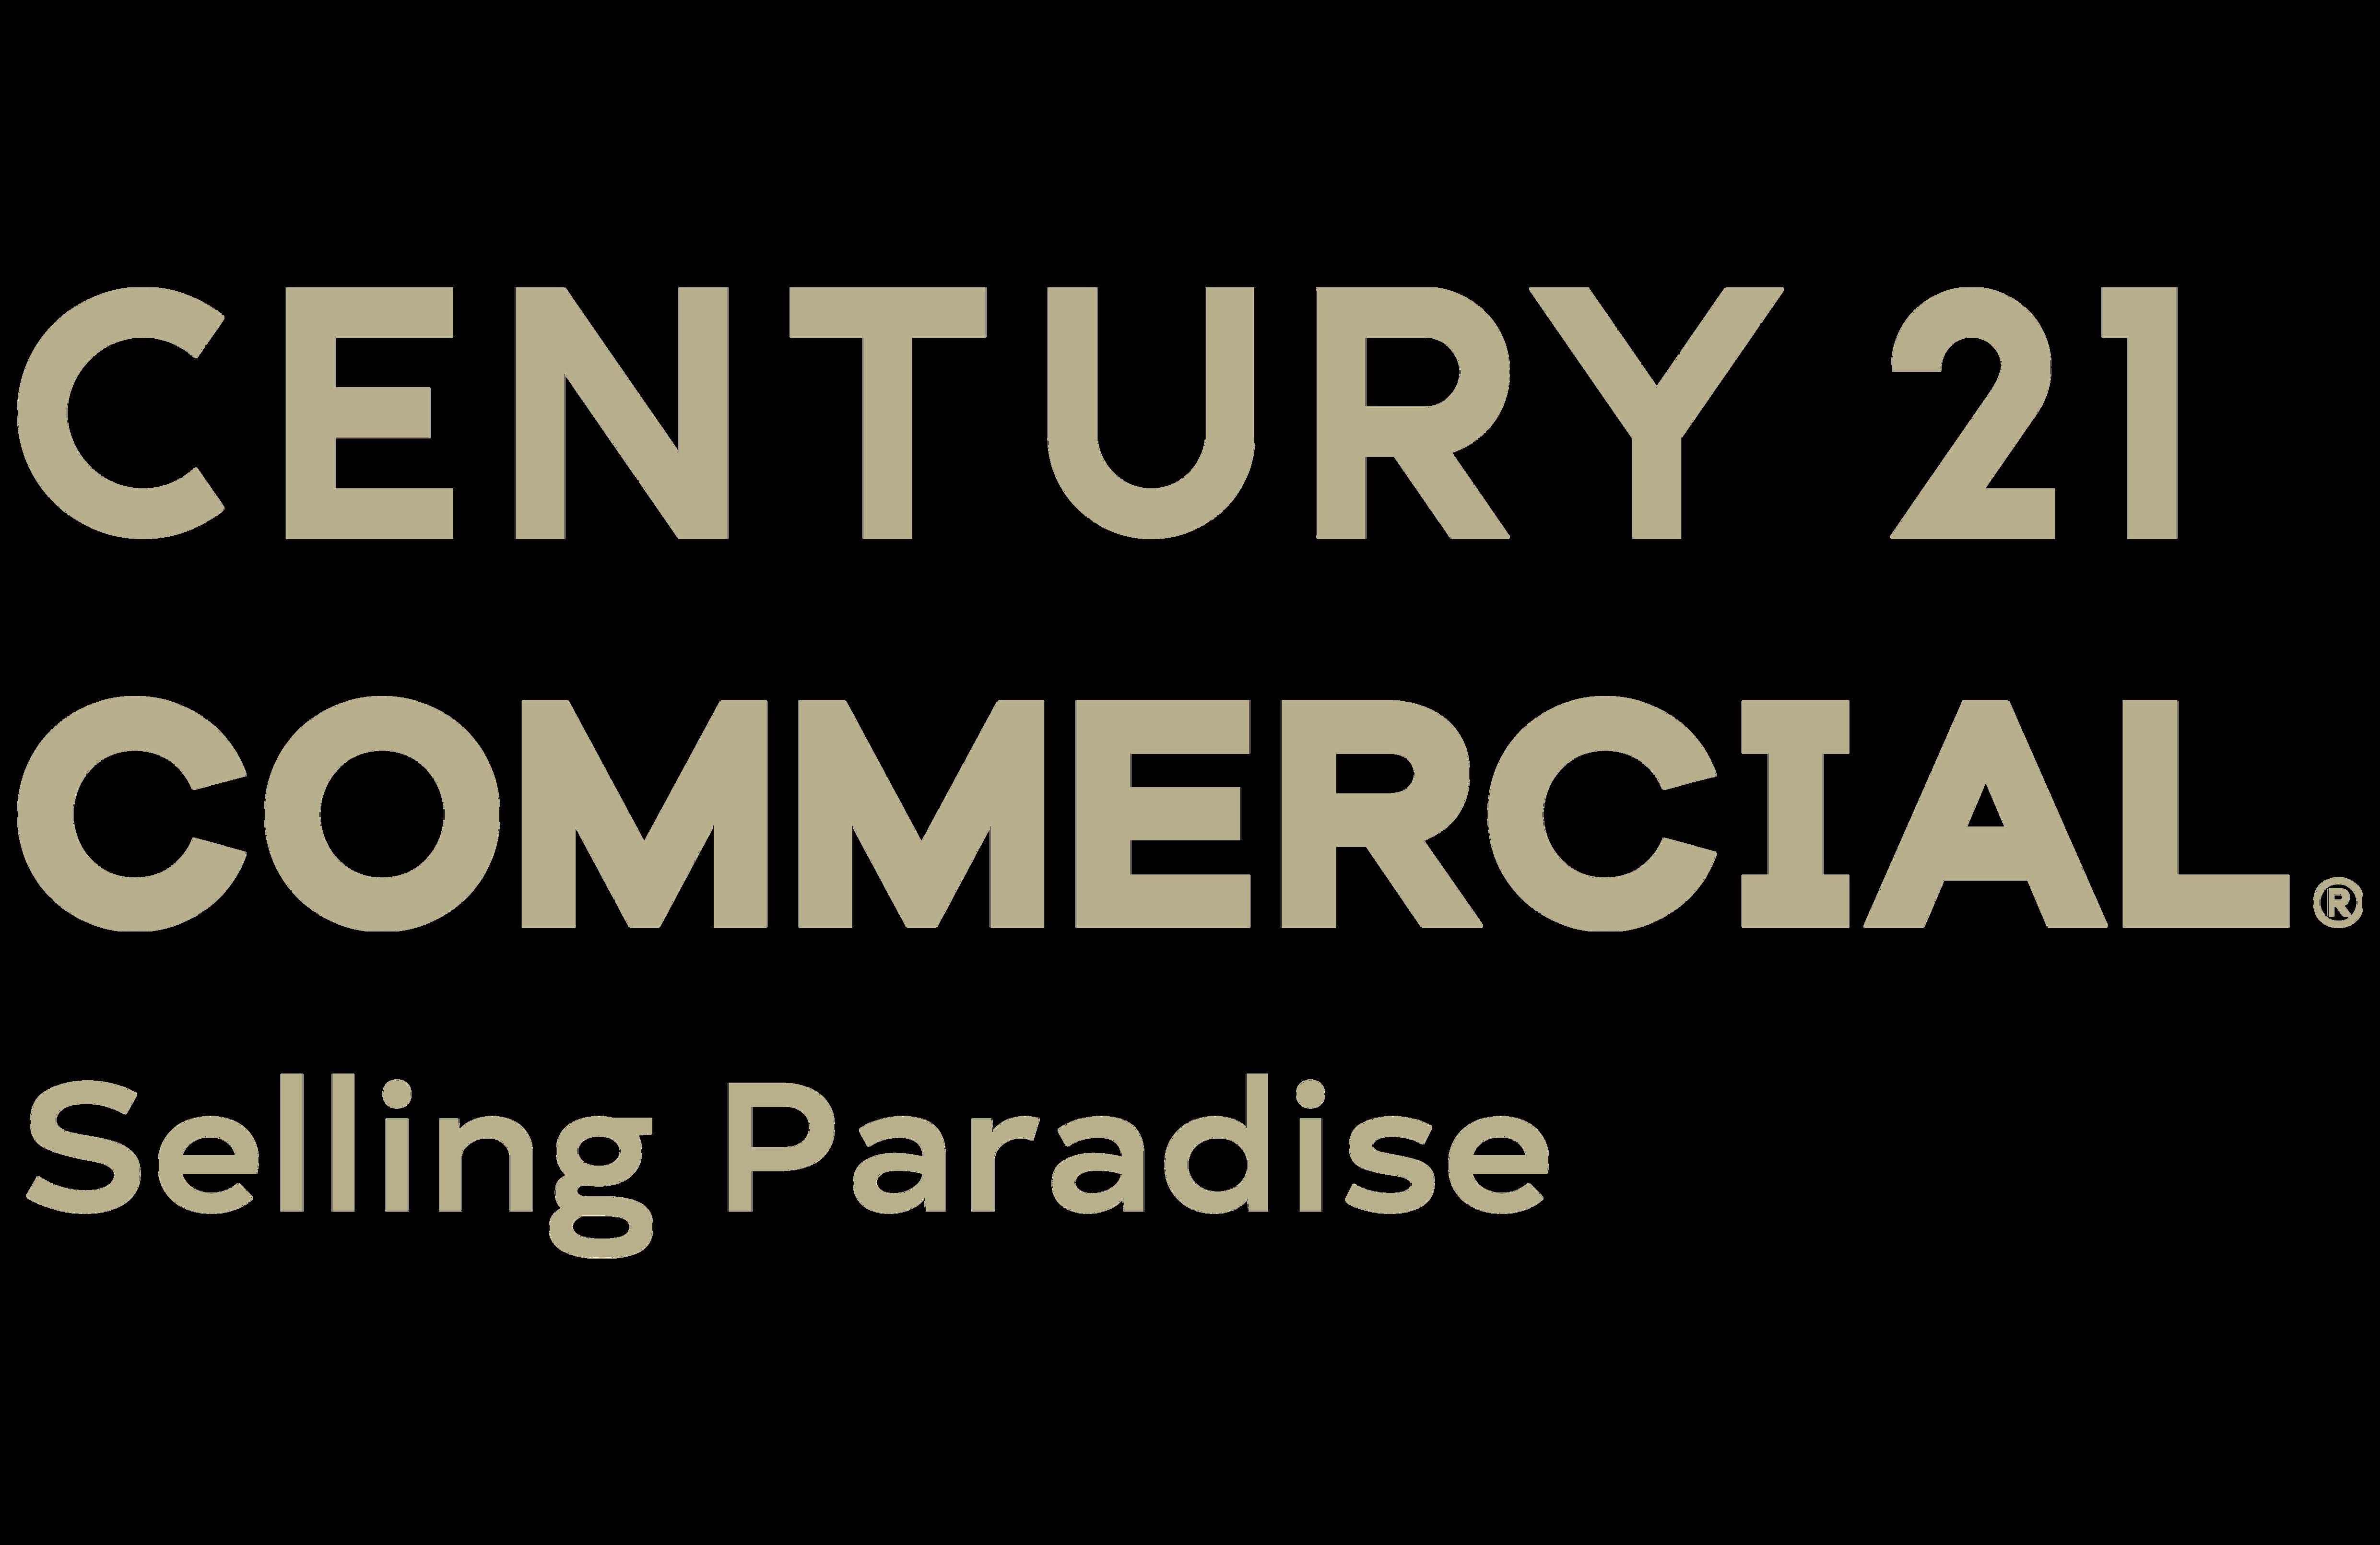 CENTURY 21 Selling Paradise